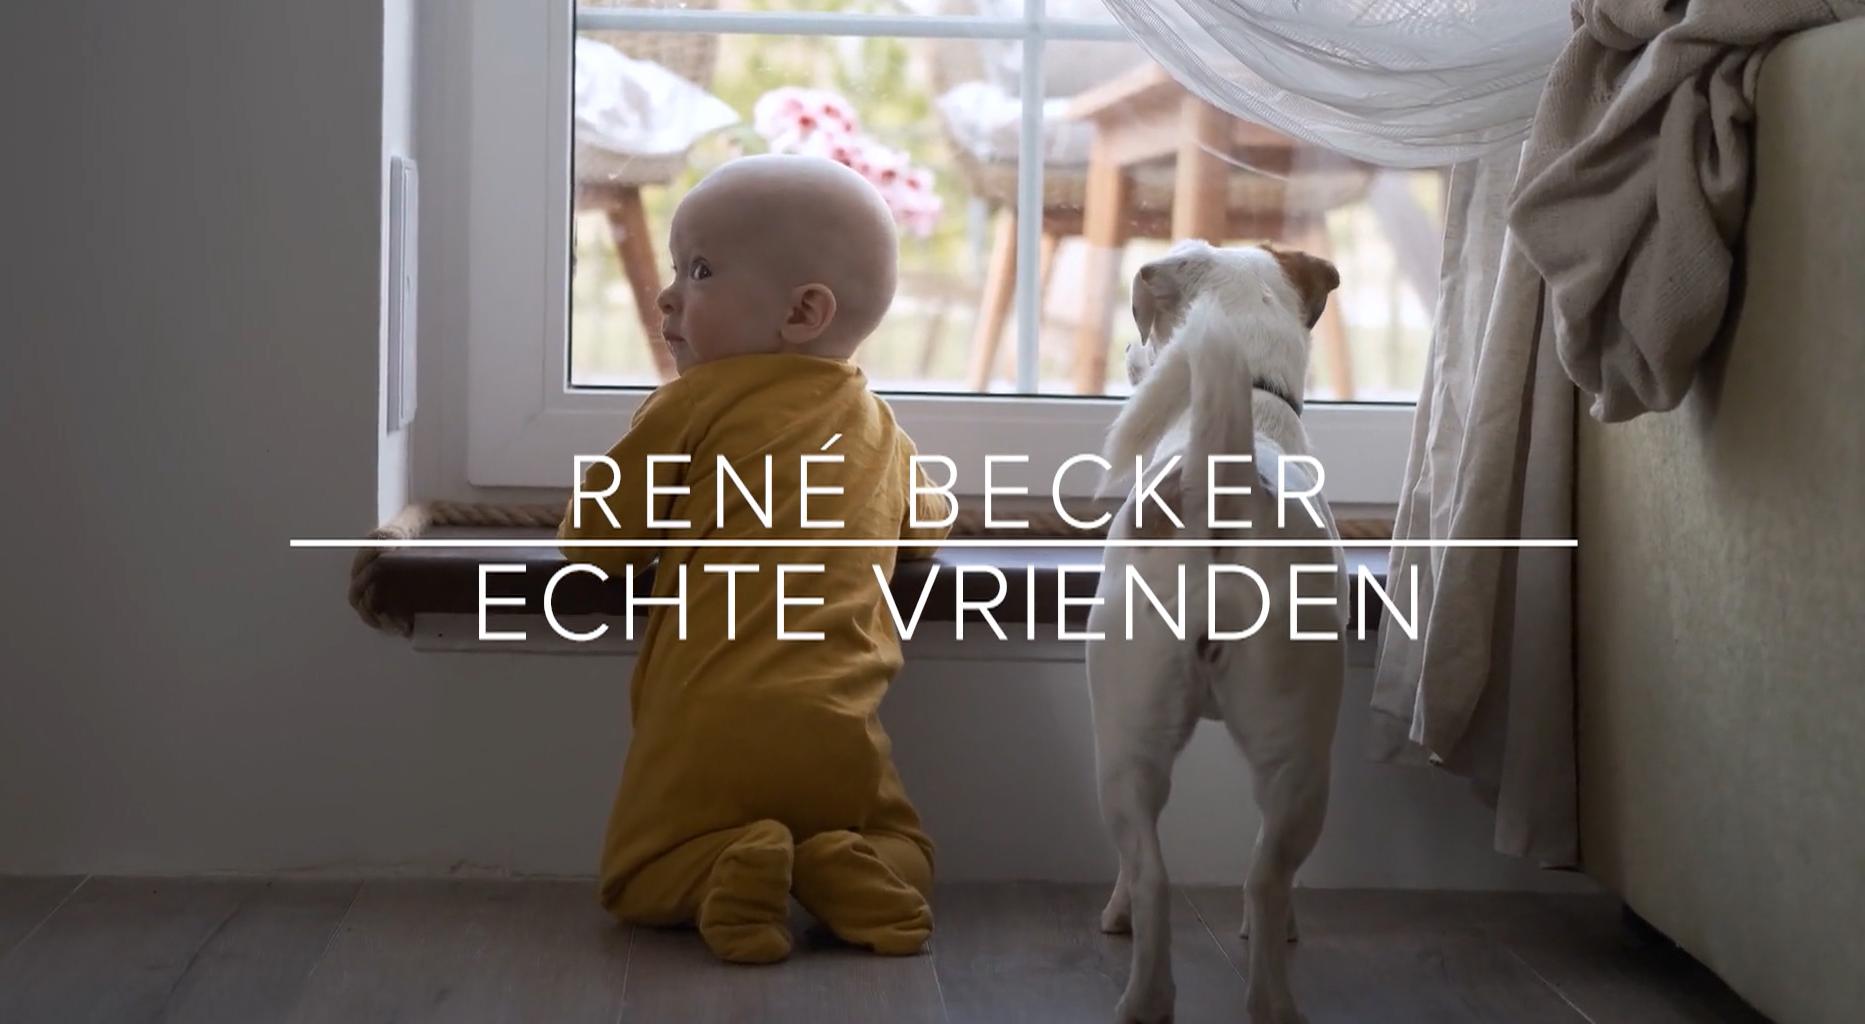 Echte vrienden Rene Becker